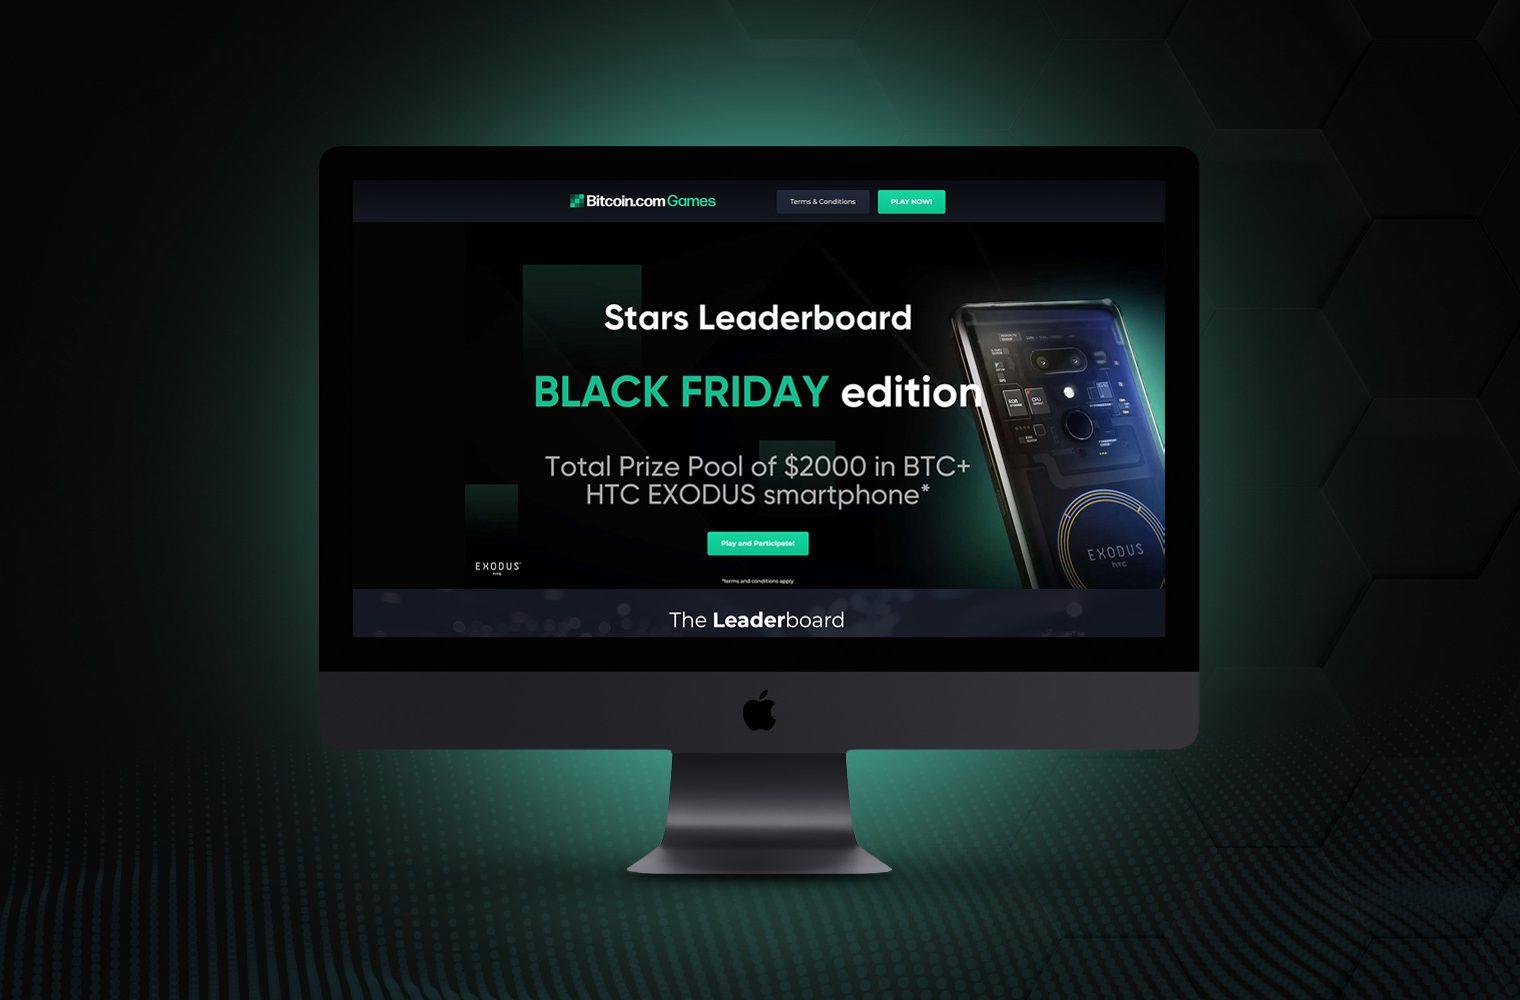 Los jugadores ahora pueden ganar un teléfono HTC Exodus 1 en Bitcoin Games